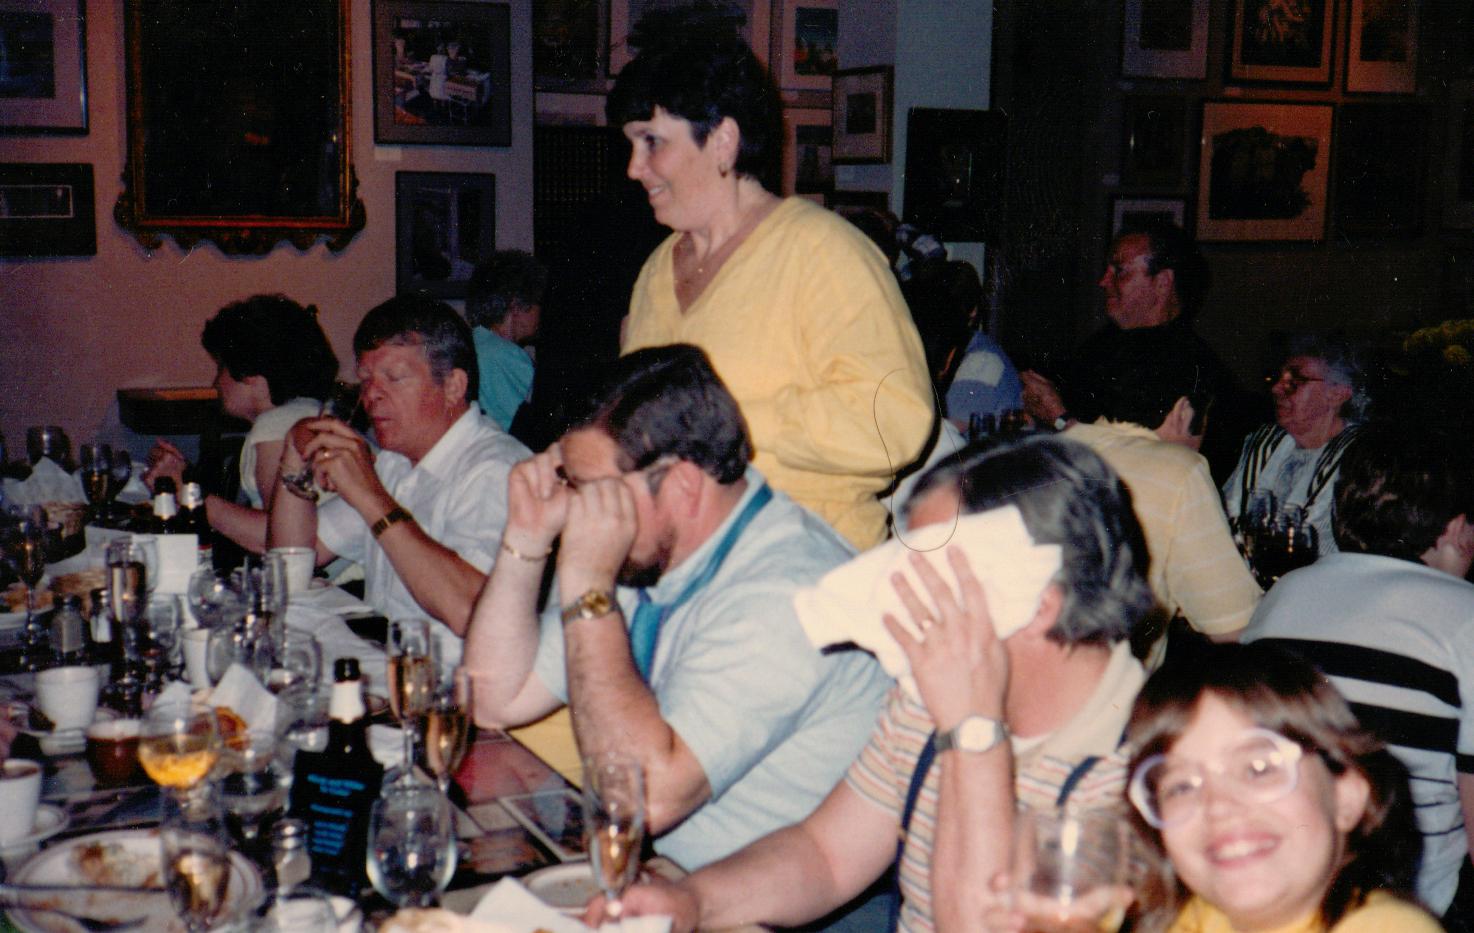 Edelweiss-Passaic, New Jersey